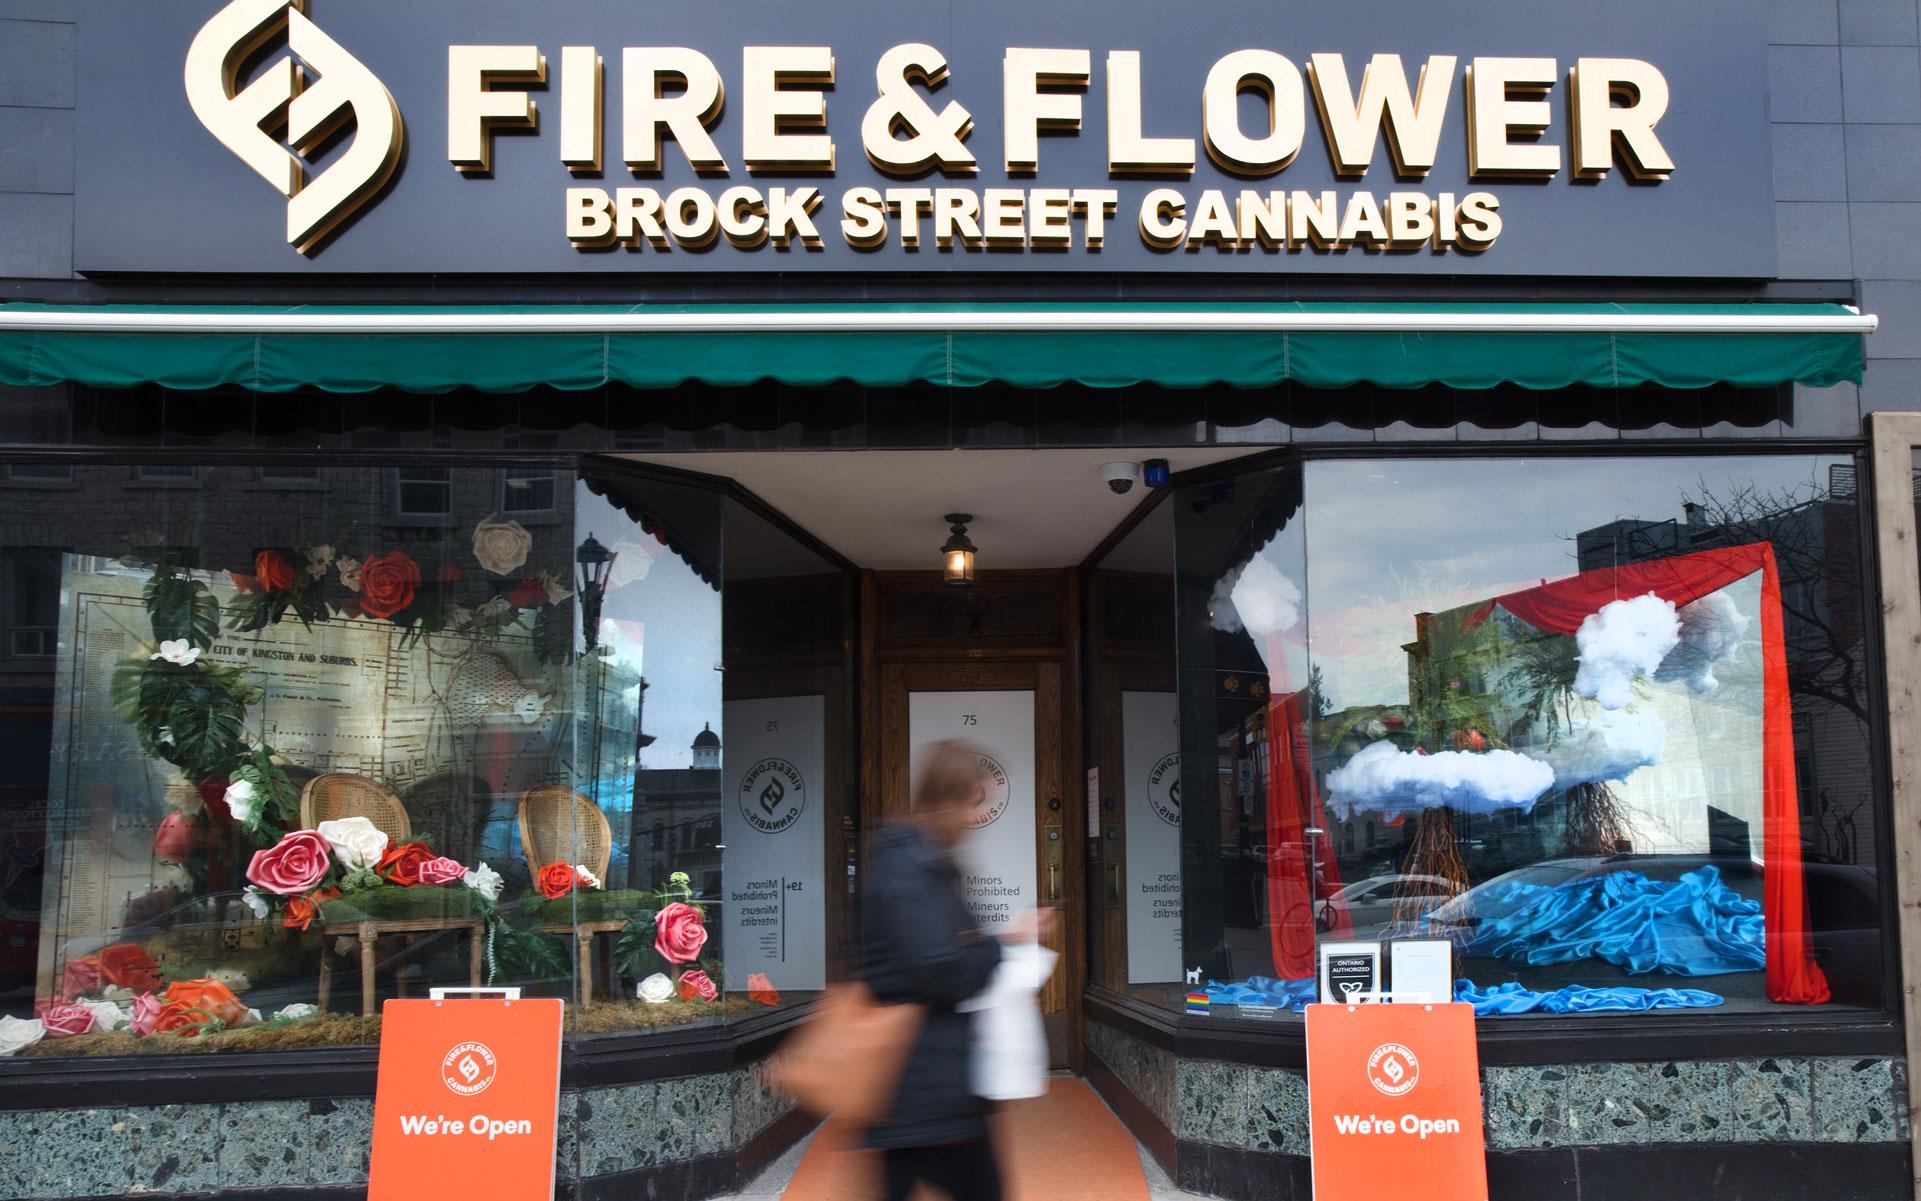 Fire & Flower Kingston Ontario